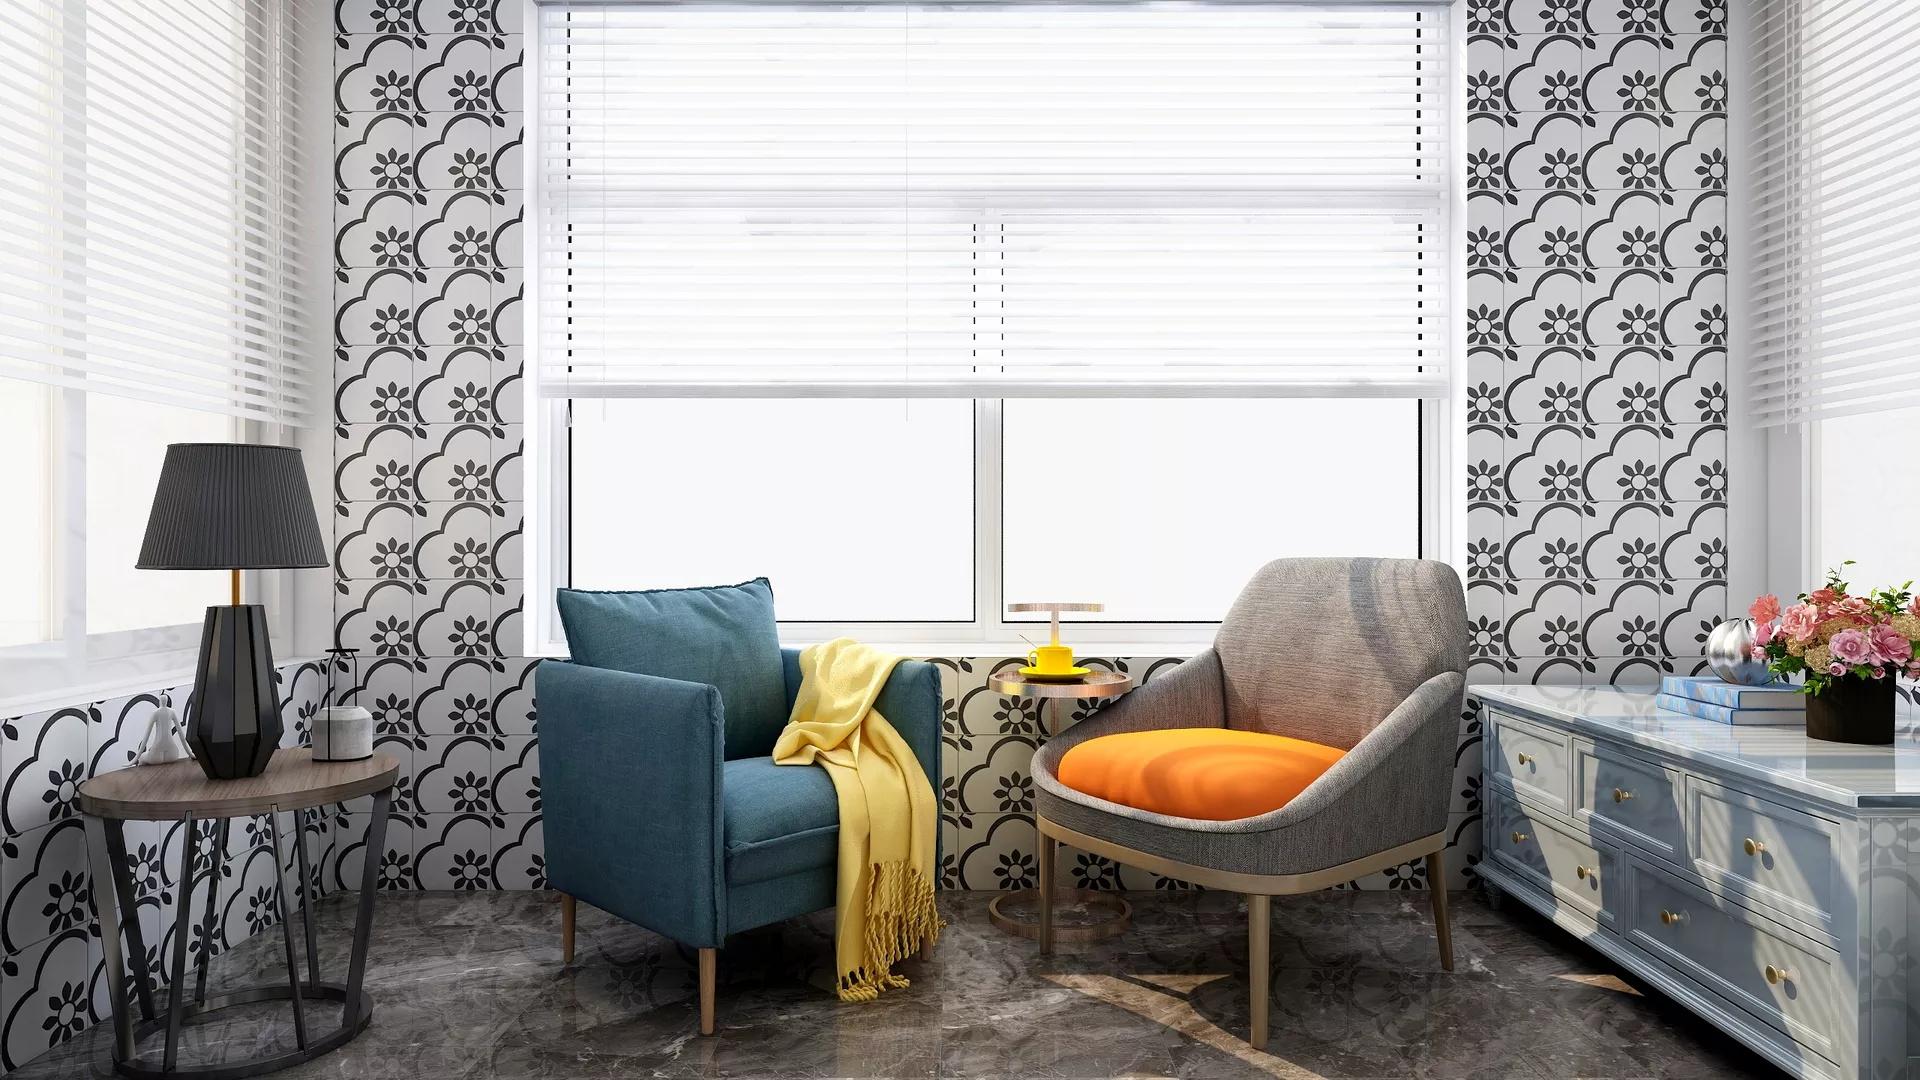 客廳沙發背景墻掛畫風水 沙發背景墻掛什么畫好